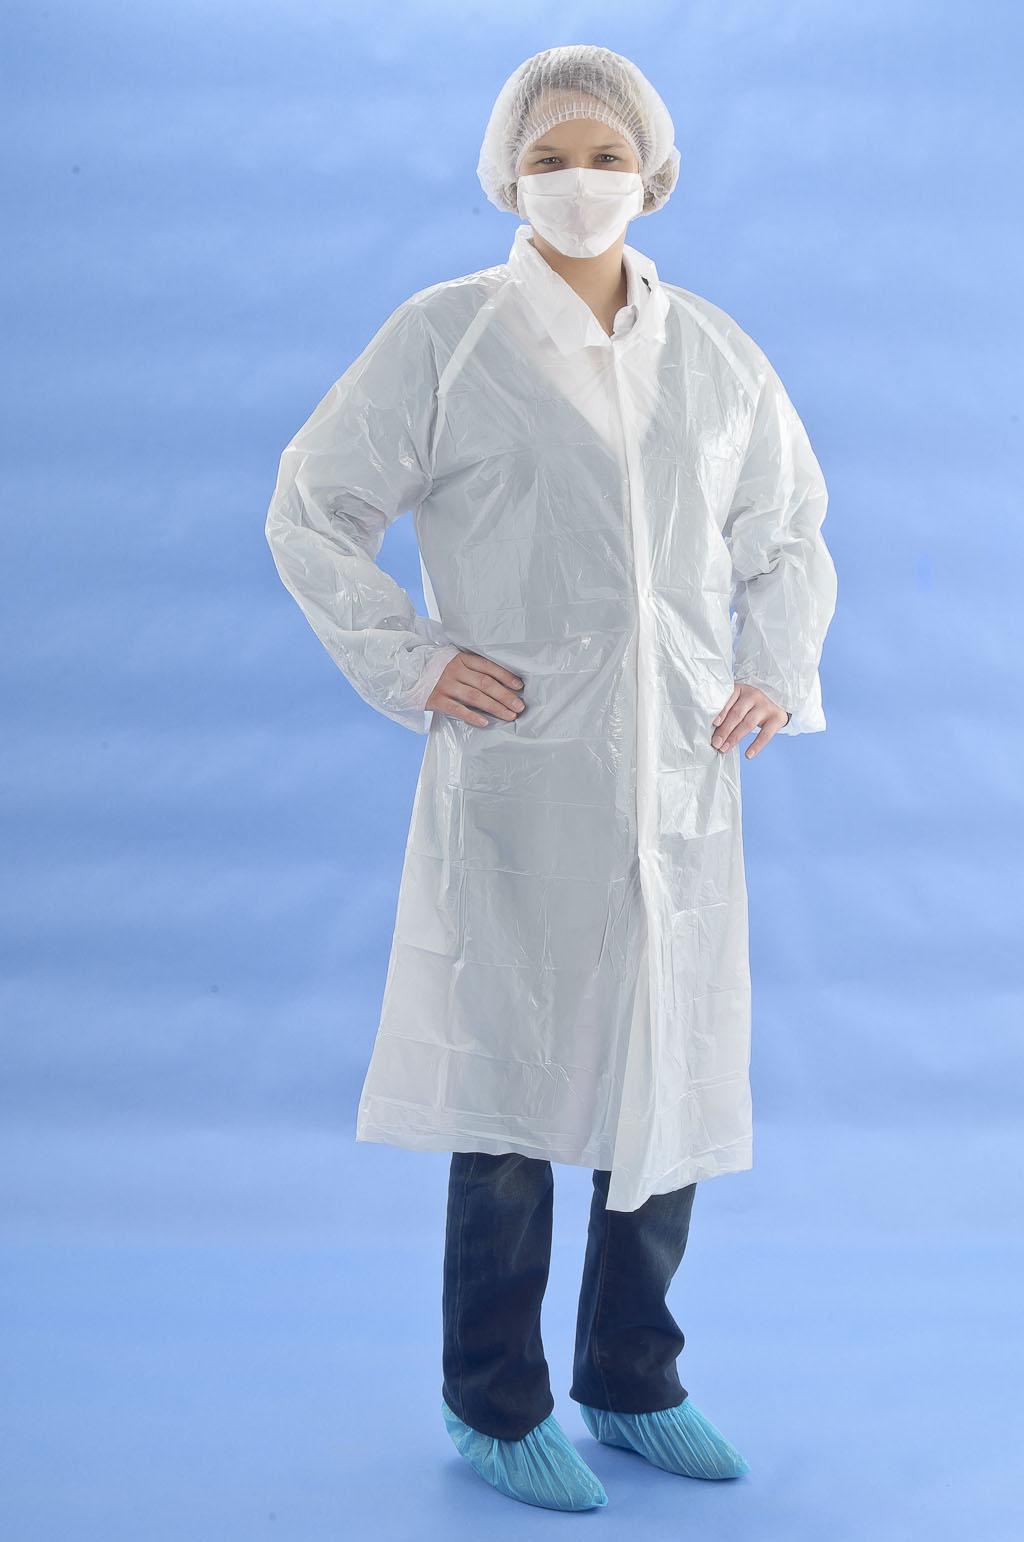 Einwegbekleidung garantiert optimalen Schutz und Hygiene - WBV worldwide